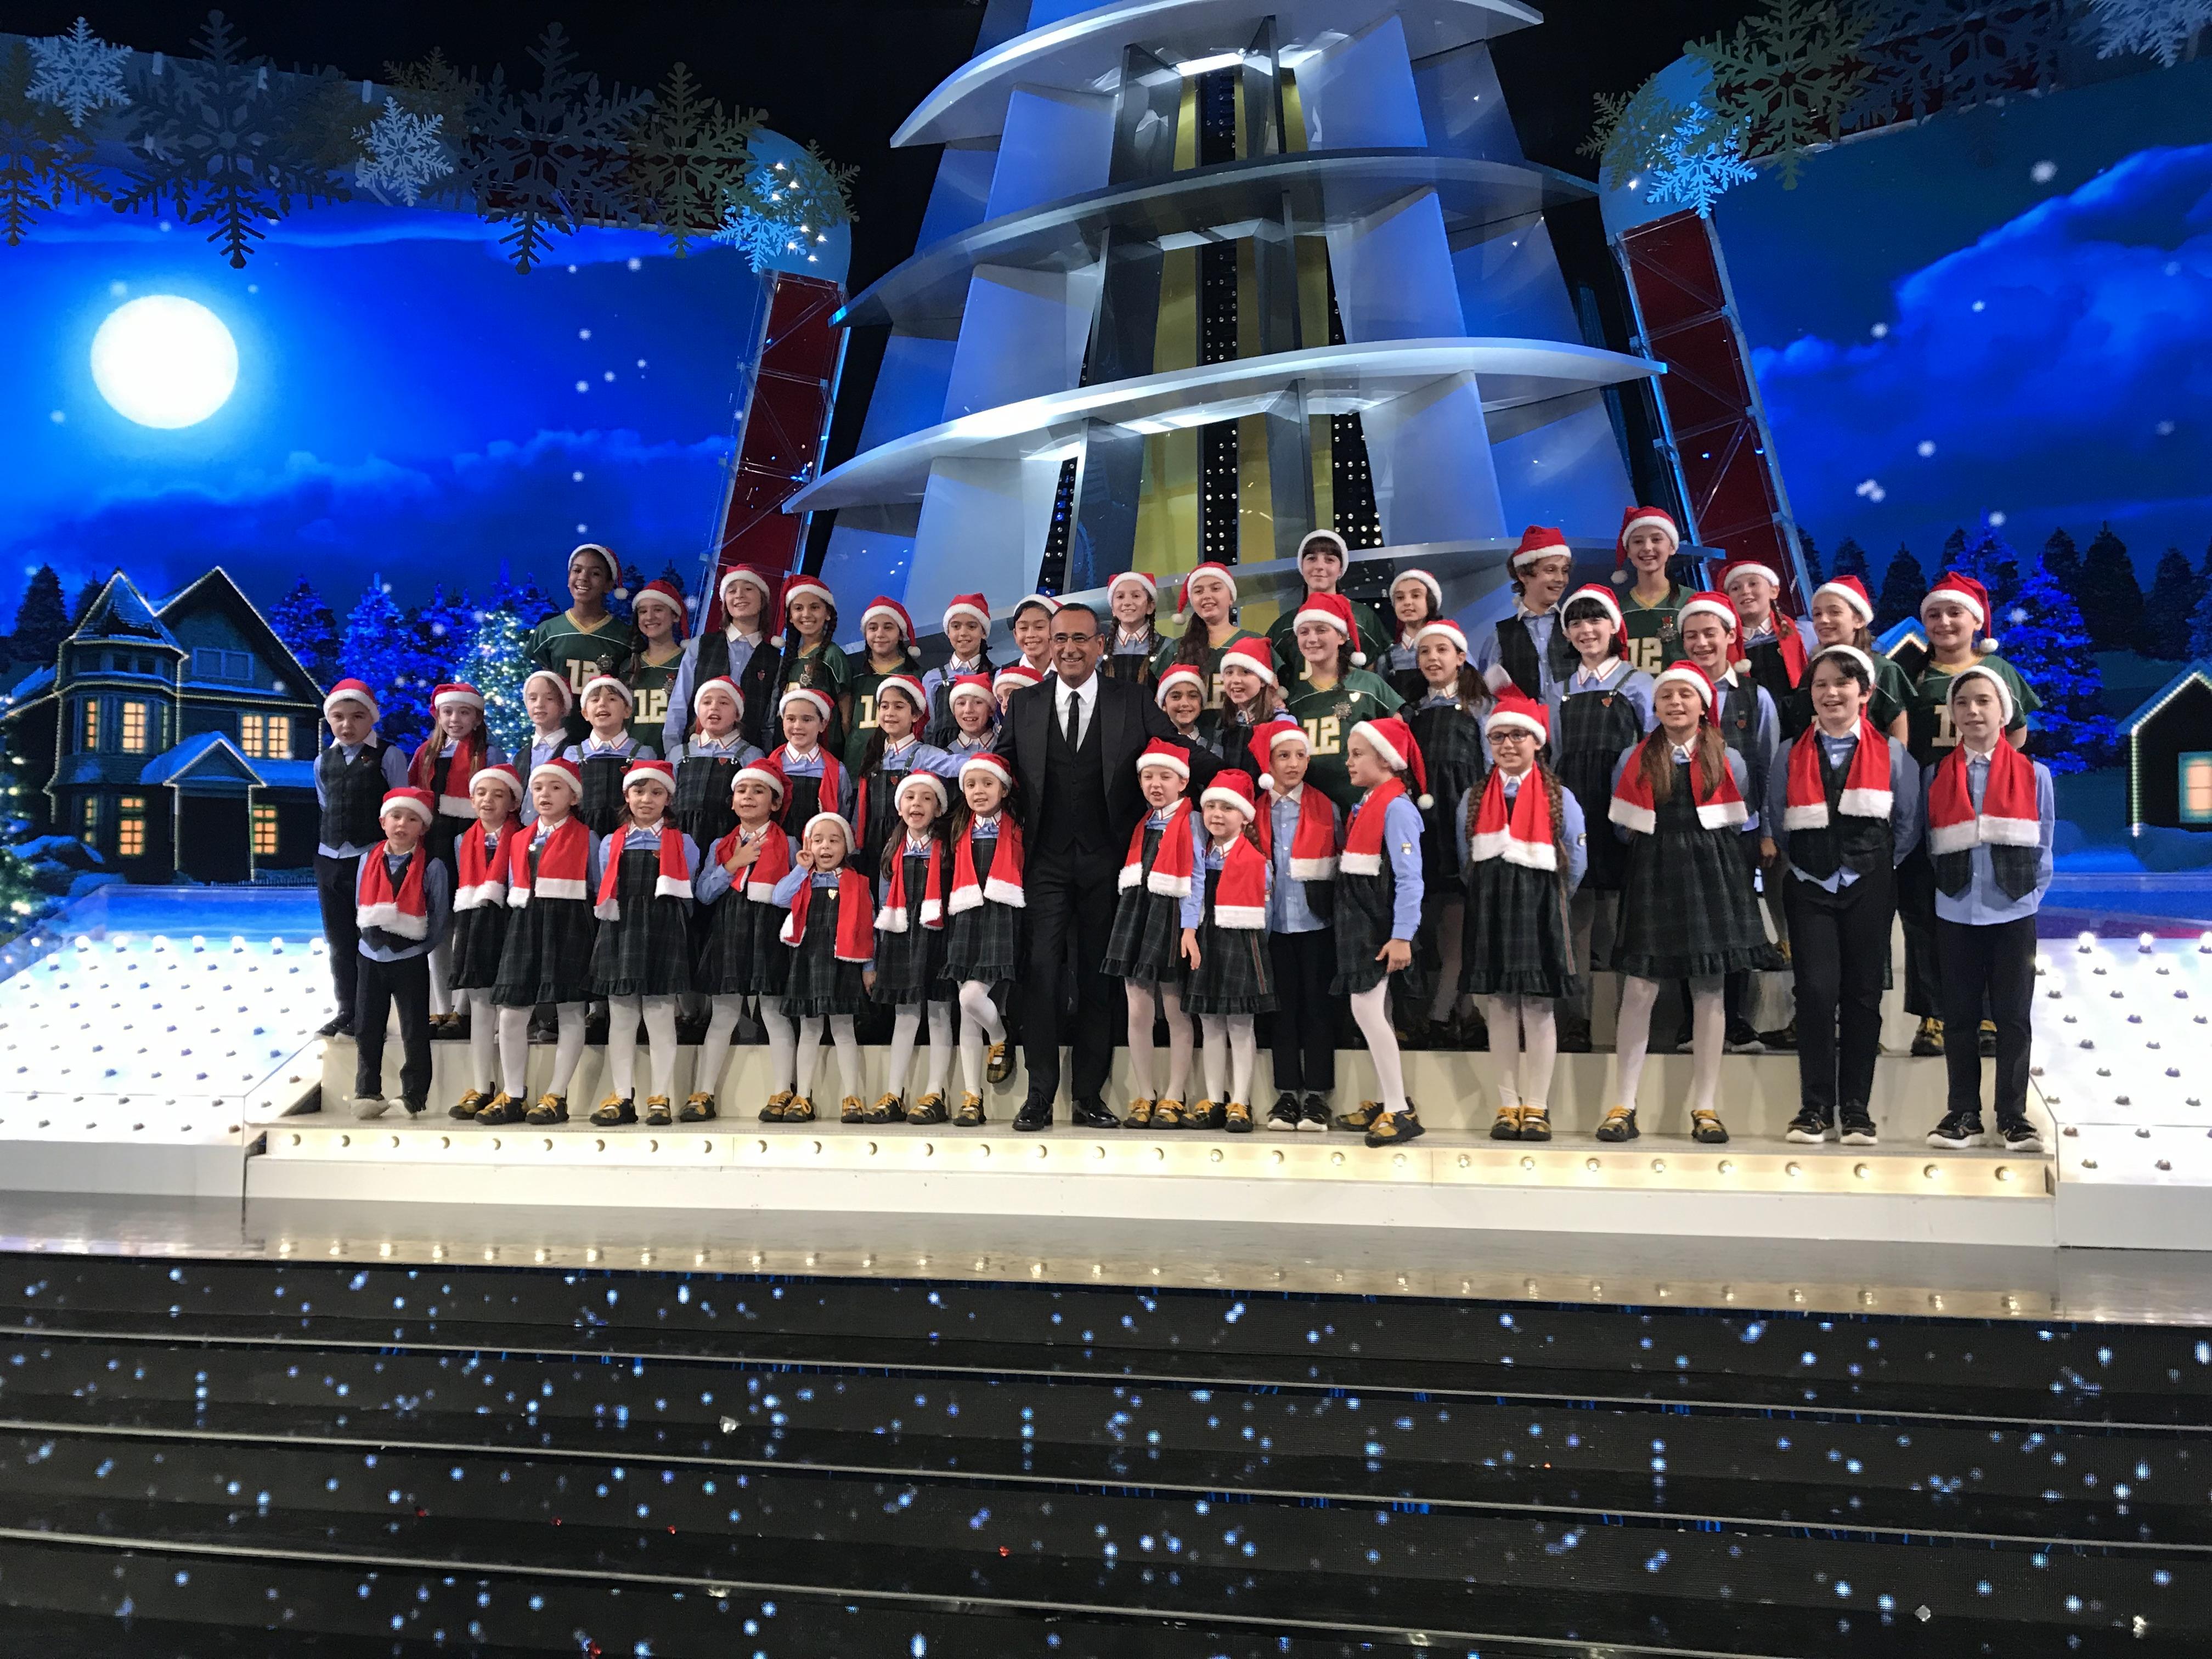 Auguri Di Buon Natale Zecchino Doro.Coro Dell Antoniano Zecchino D Oro